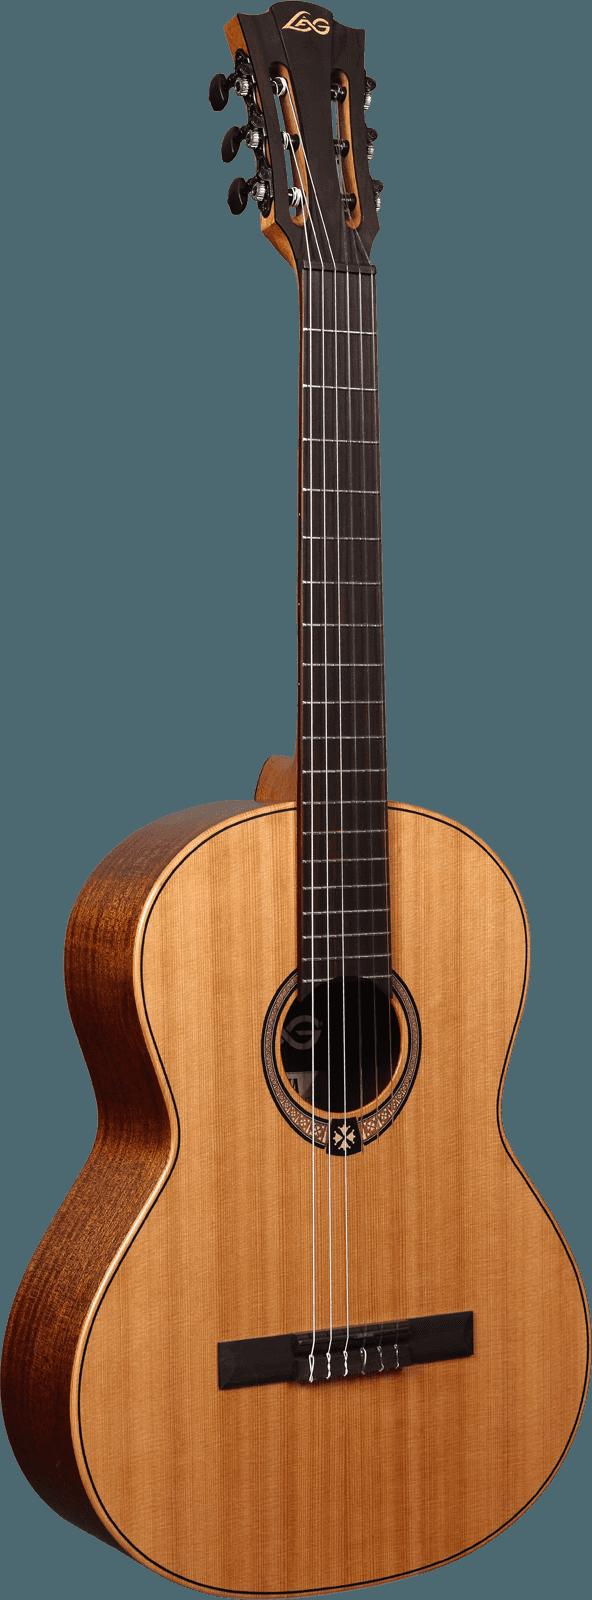 Guitare classique OC170 - Voir en grand